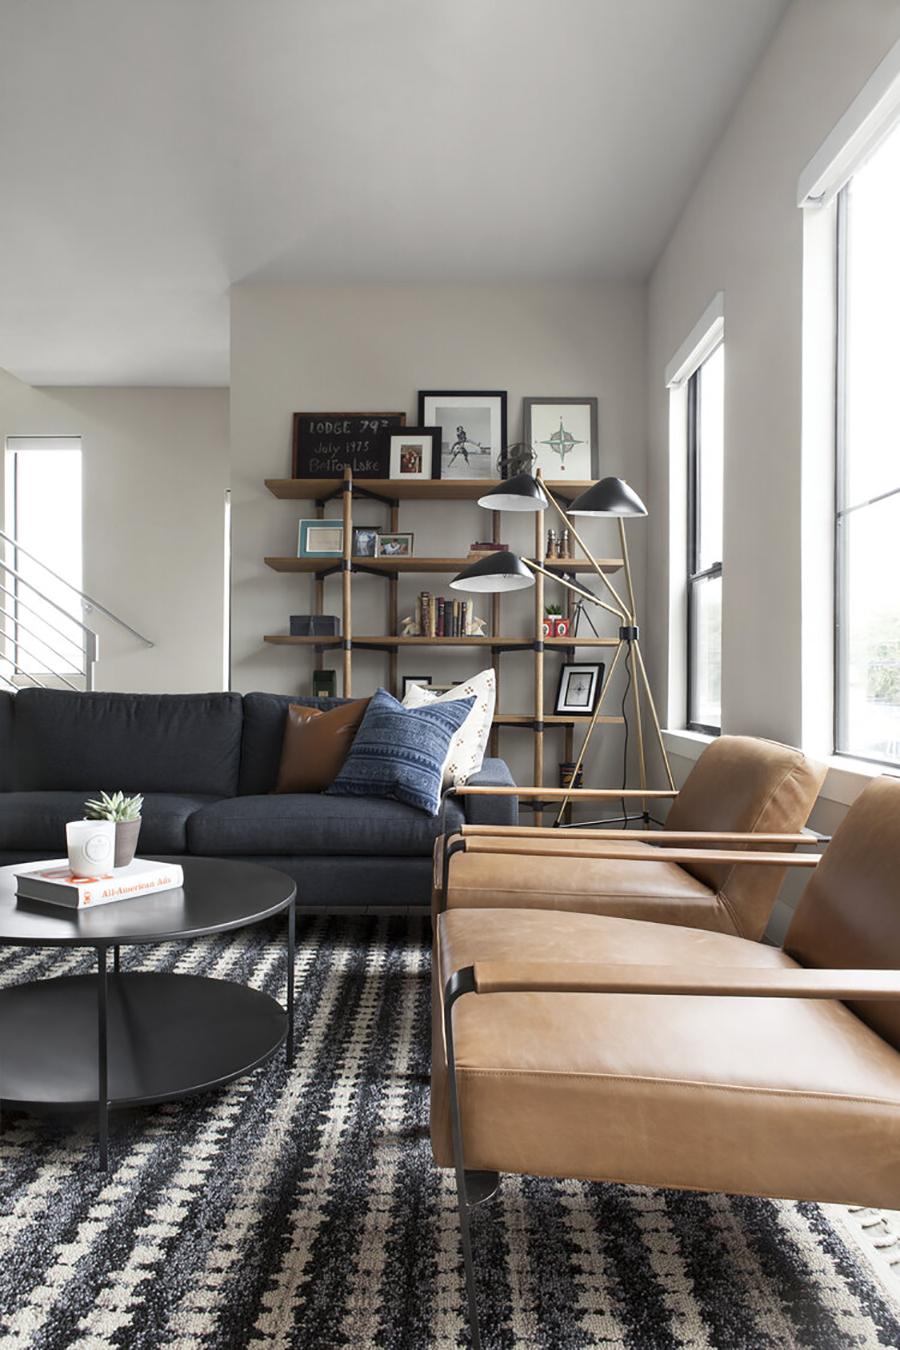 Un living de estilo ejecutivo urbano, con un gran sofá en gris azulado y dos poltronas en color camel. Una gran alfombra con motivos grises, estanterías de madera y una mesa de centro negra.